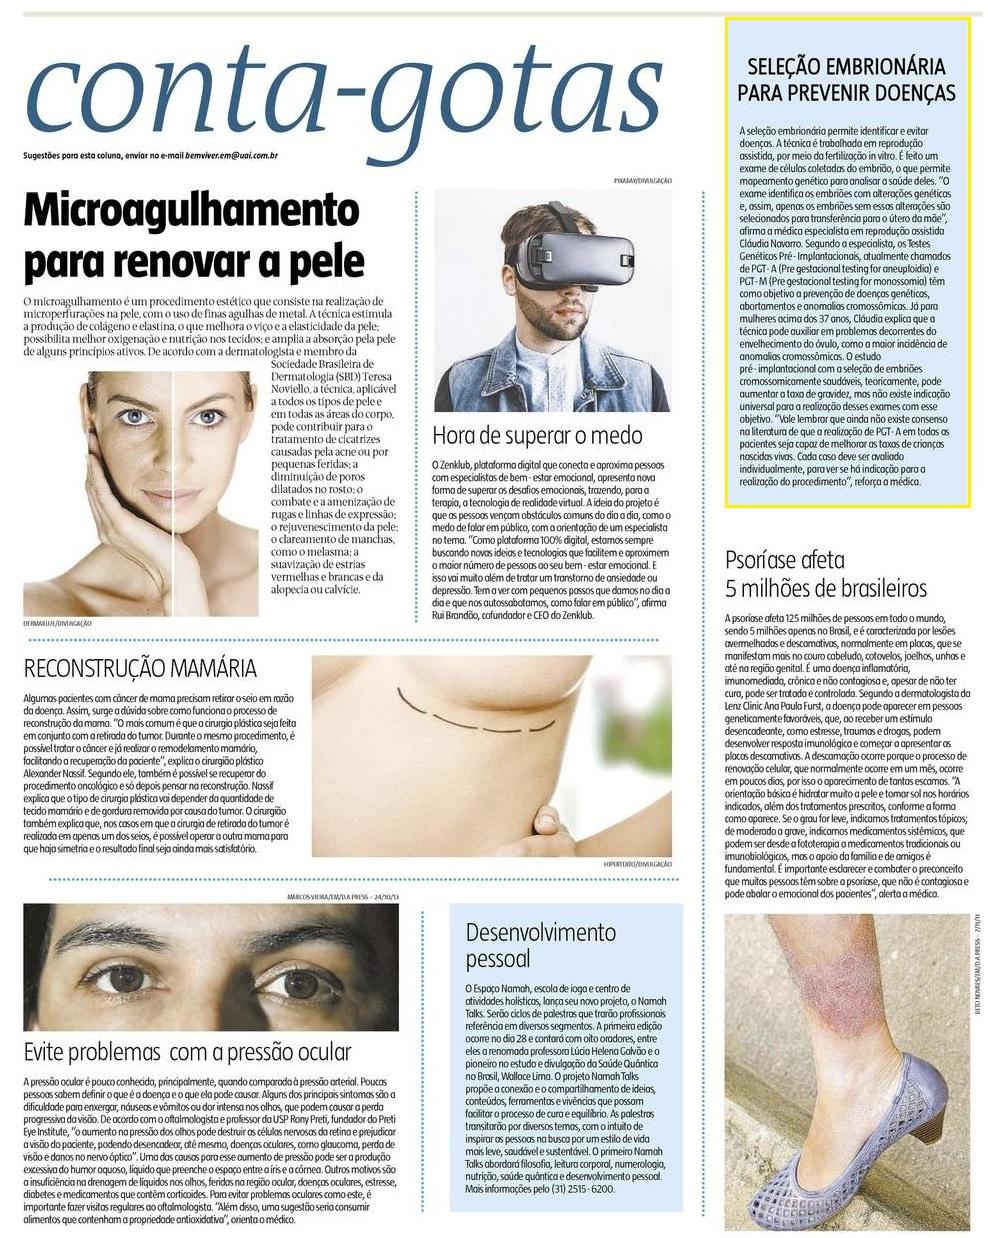 Jornal Estado de Minas (site e impresso) – Seleção embrionária para prevenir doenças